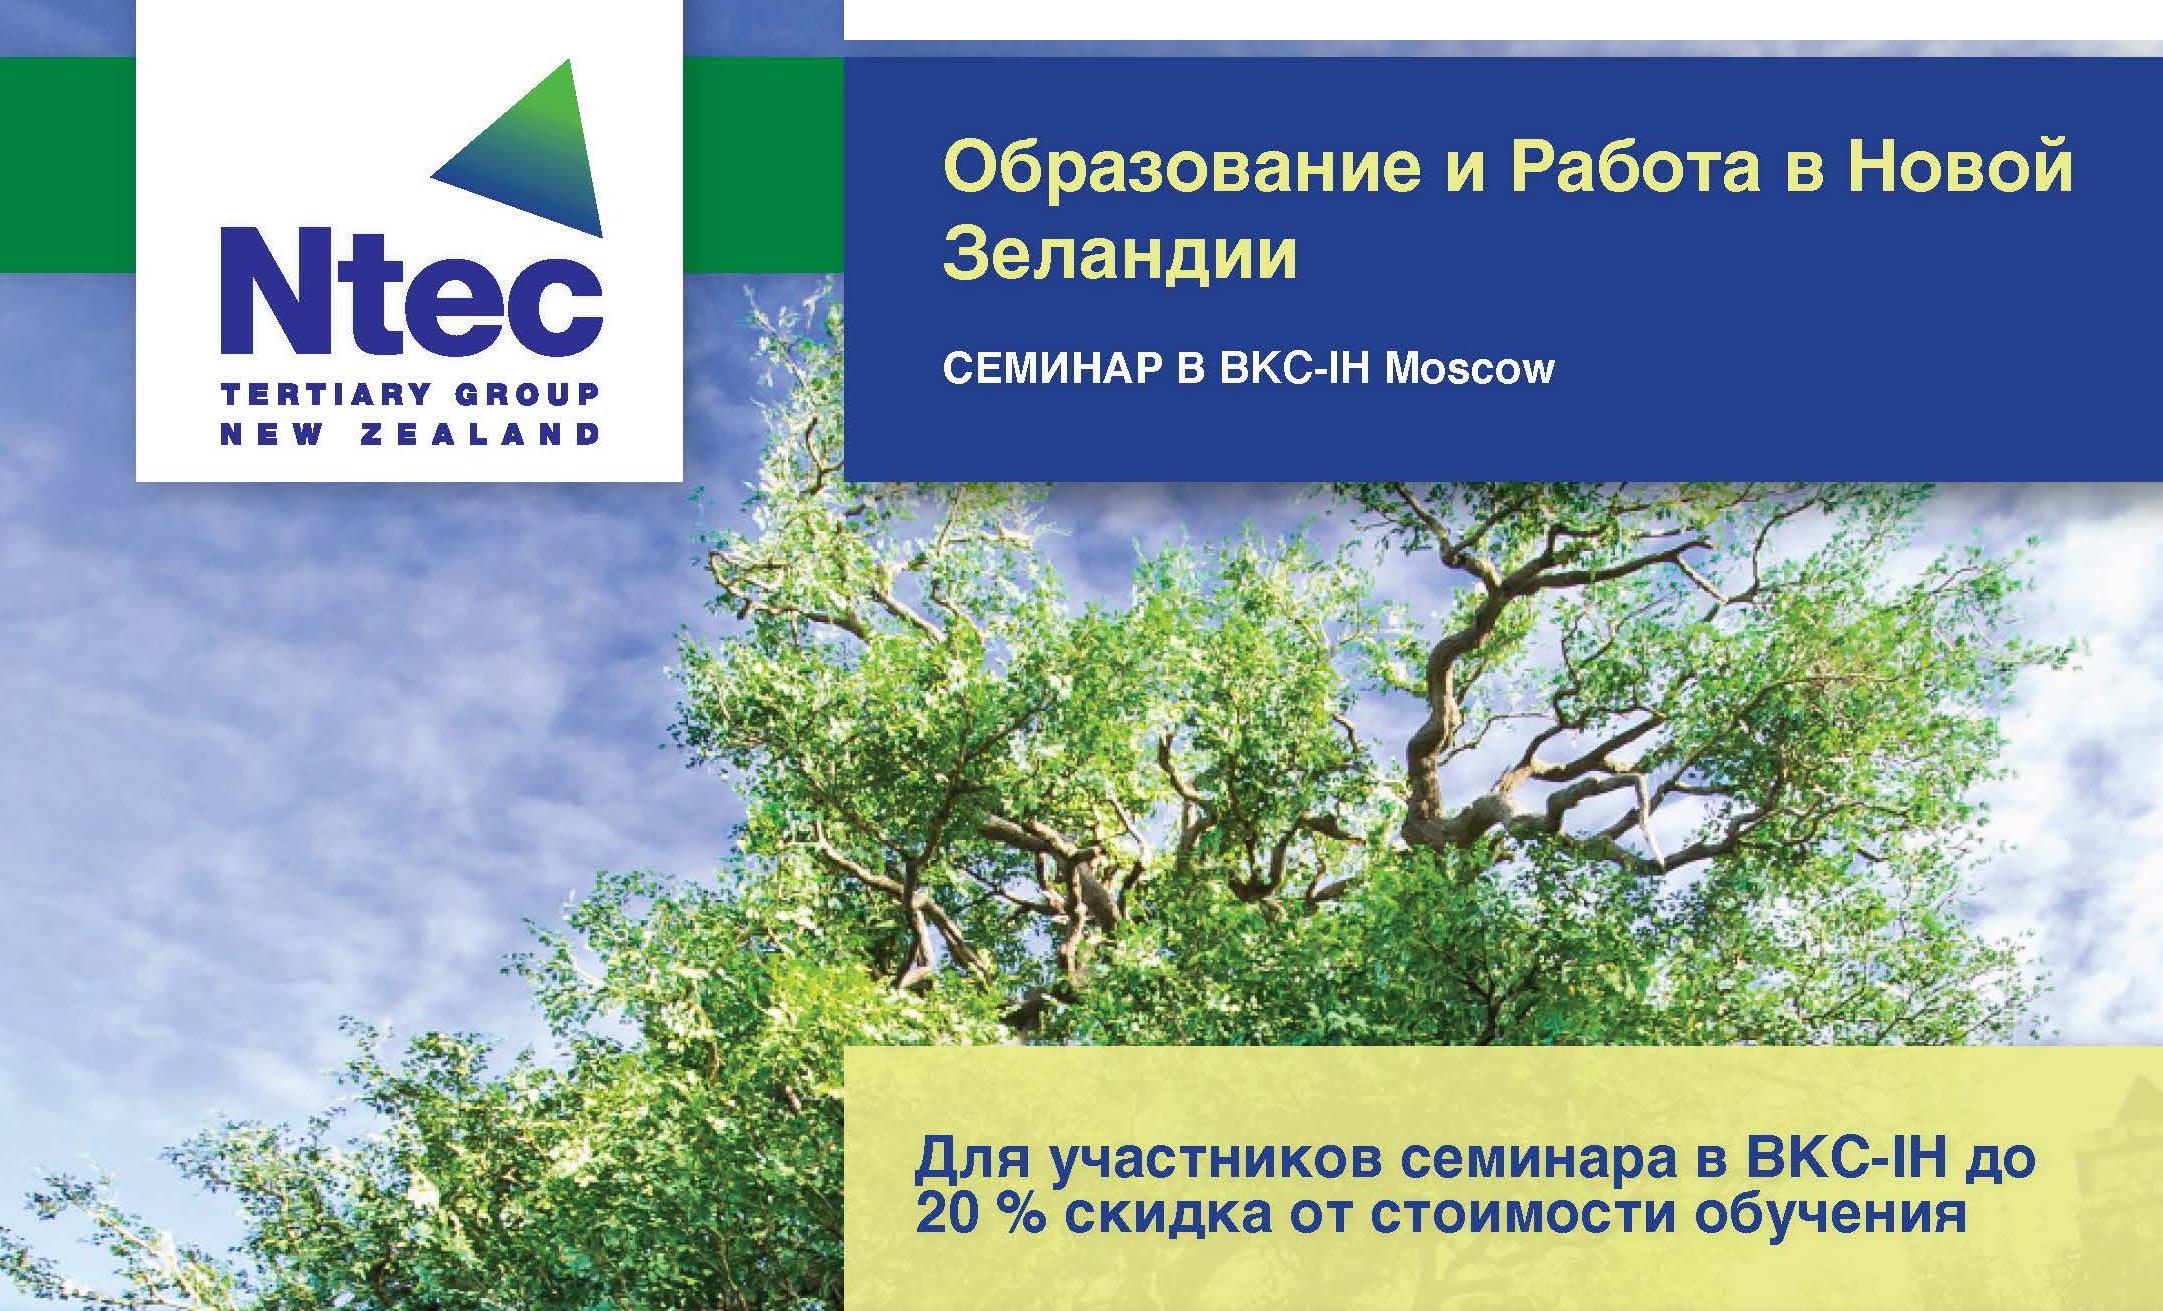 bkc_oozr_seminary_zelandija_2.jpg 2163x1311